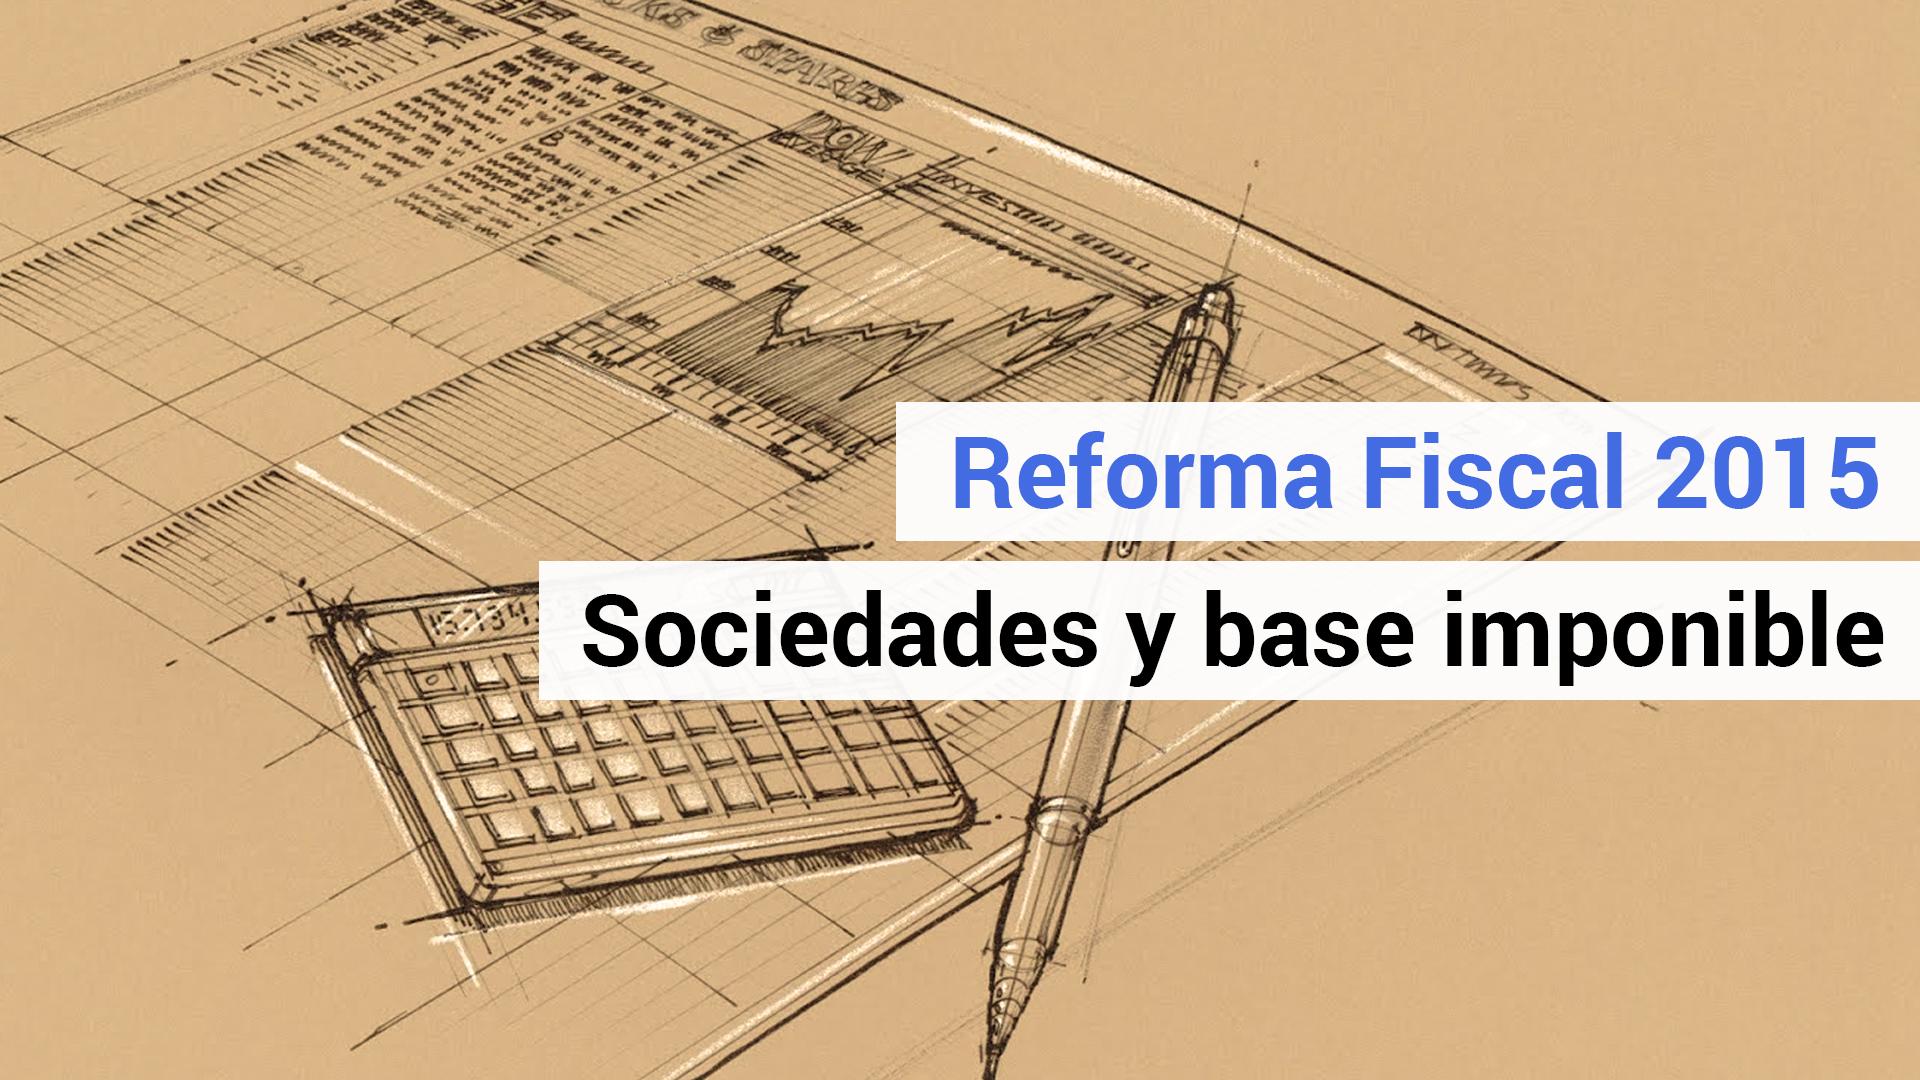 La Reforma Fiscal en Sociedades: cambios en la base imponible